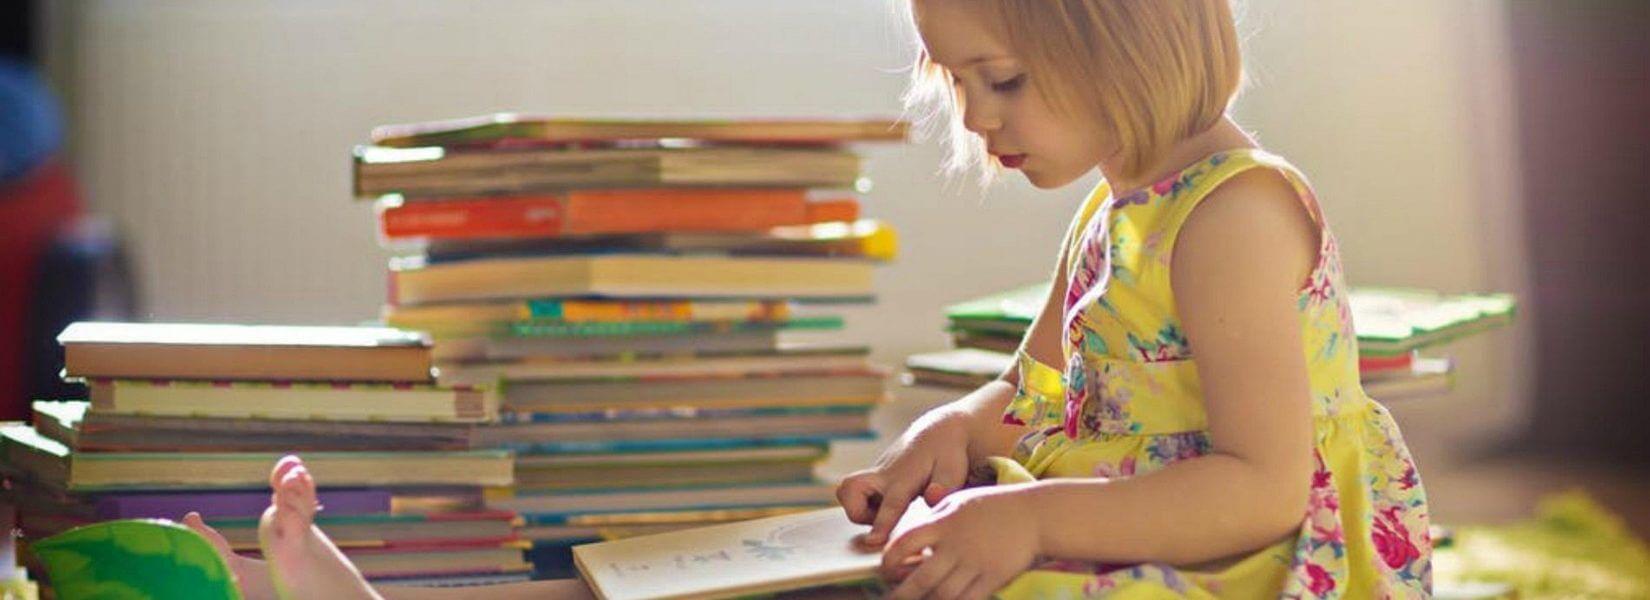 9+1 παιδικά βιβλία για να διαβάσουν τα παιδιά σας αυτό το καλοκαίρι!